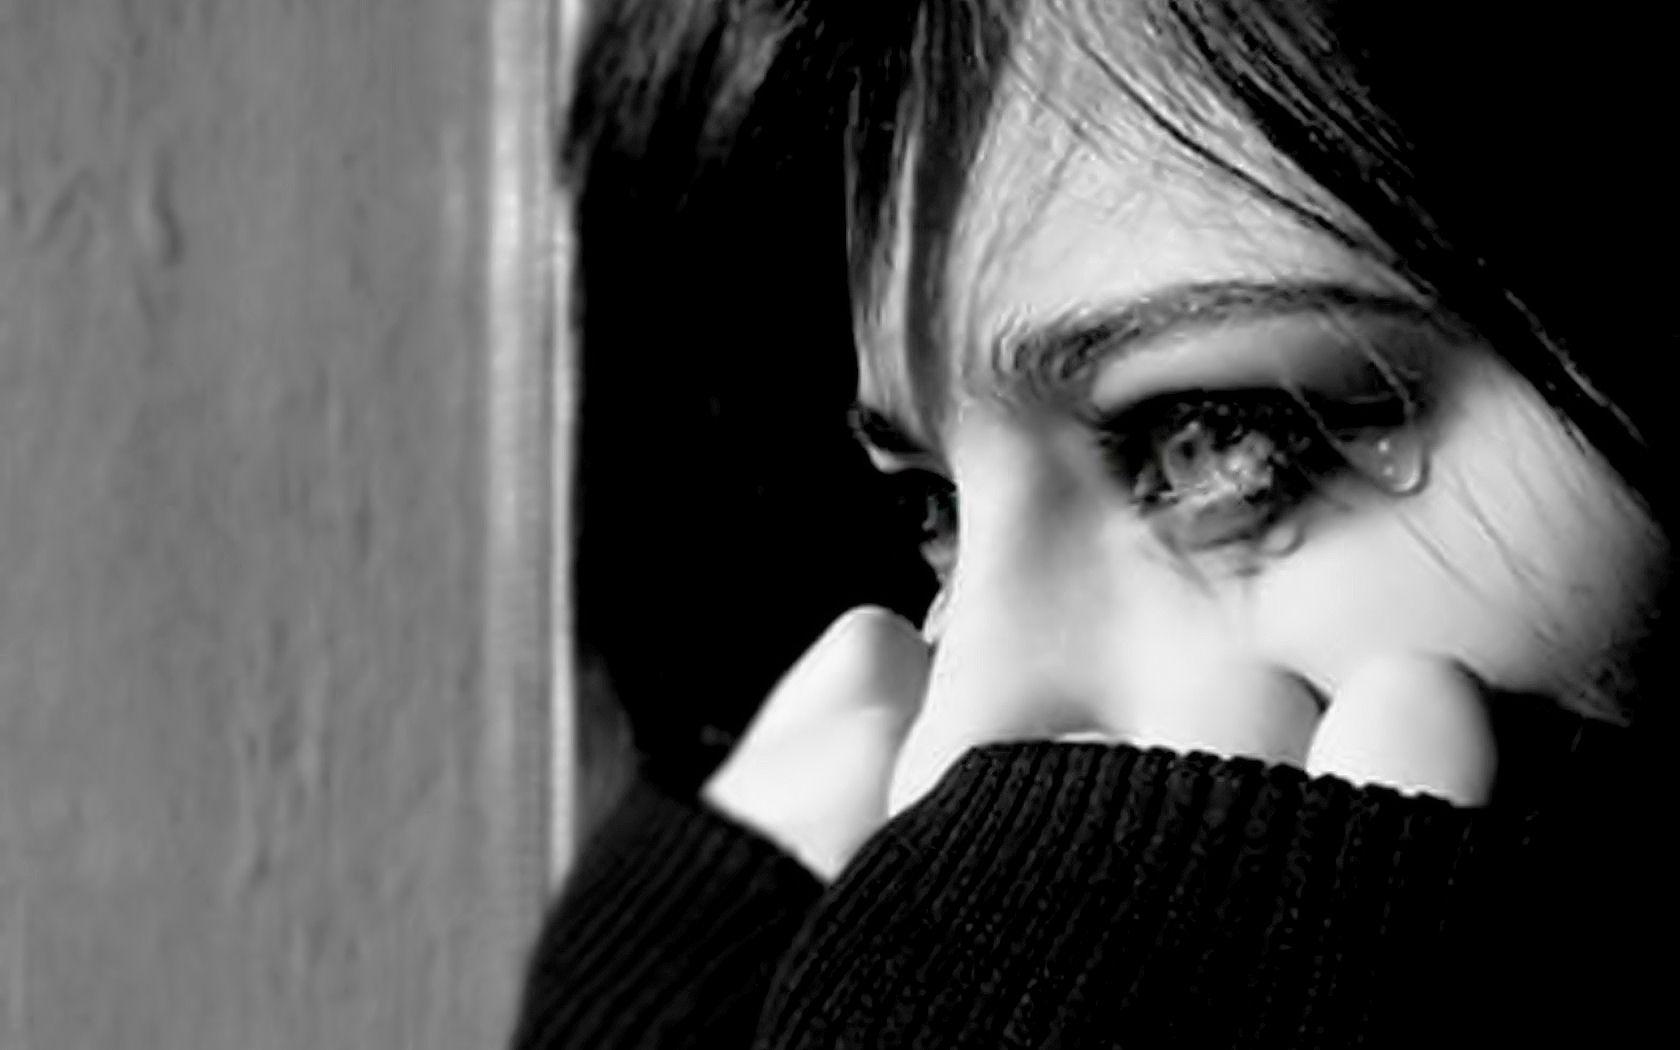 Картинки грустных девушек со слезами с надписями